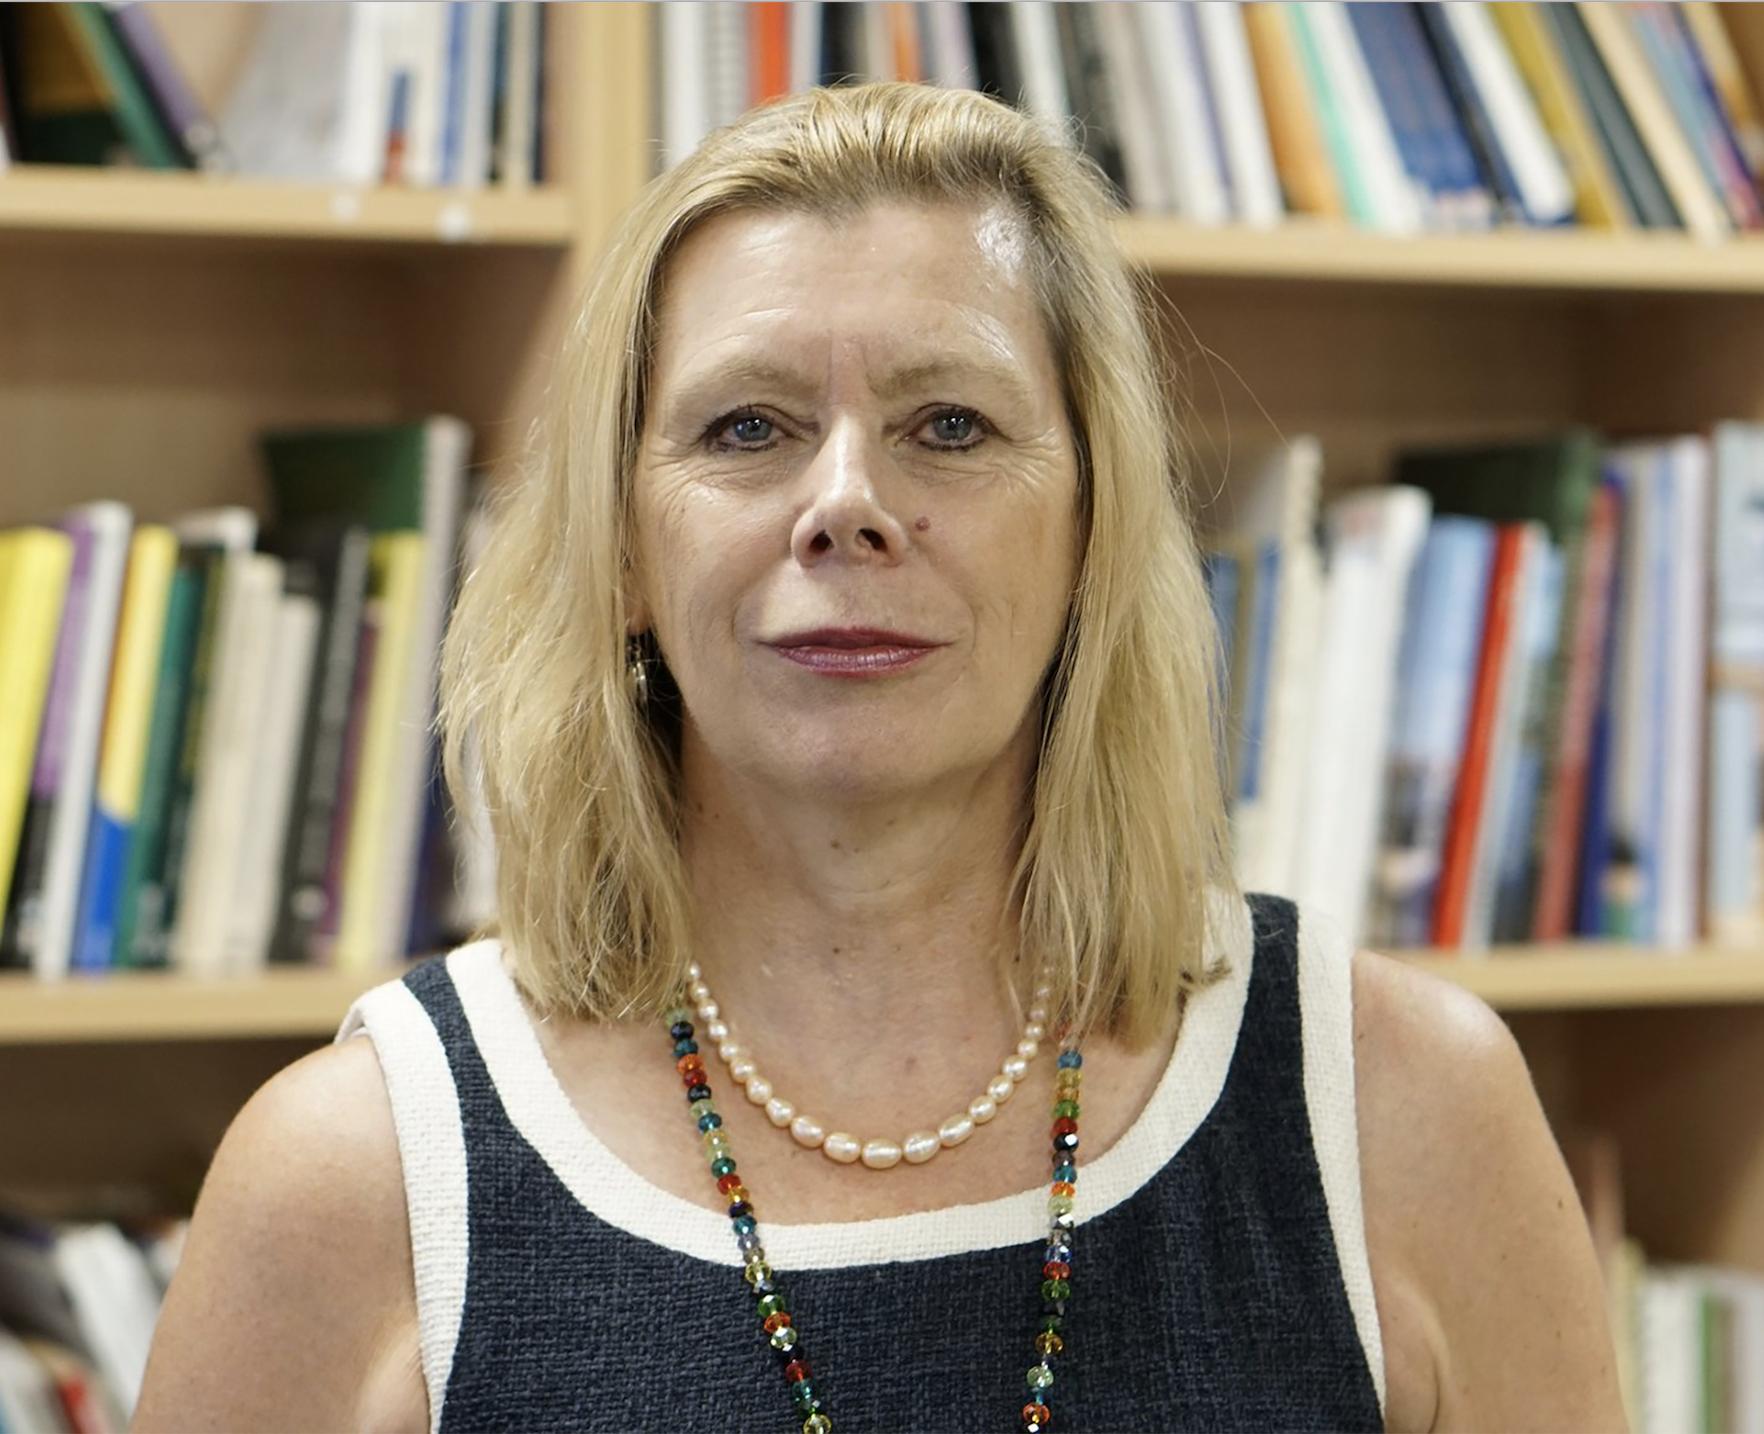 I dipartimenti delle risorse umane continuano a considerare i lavoratori anziani come un problema di gestione e non un'opportunità - Domini Bingham, docente di Leadership educativa all'UCL di Londra e autrice di un saggio sul rapporto fra ageismo ed economia